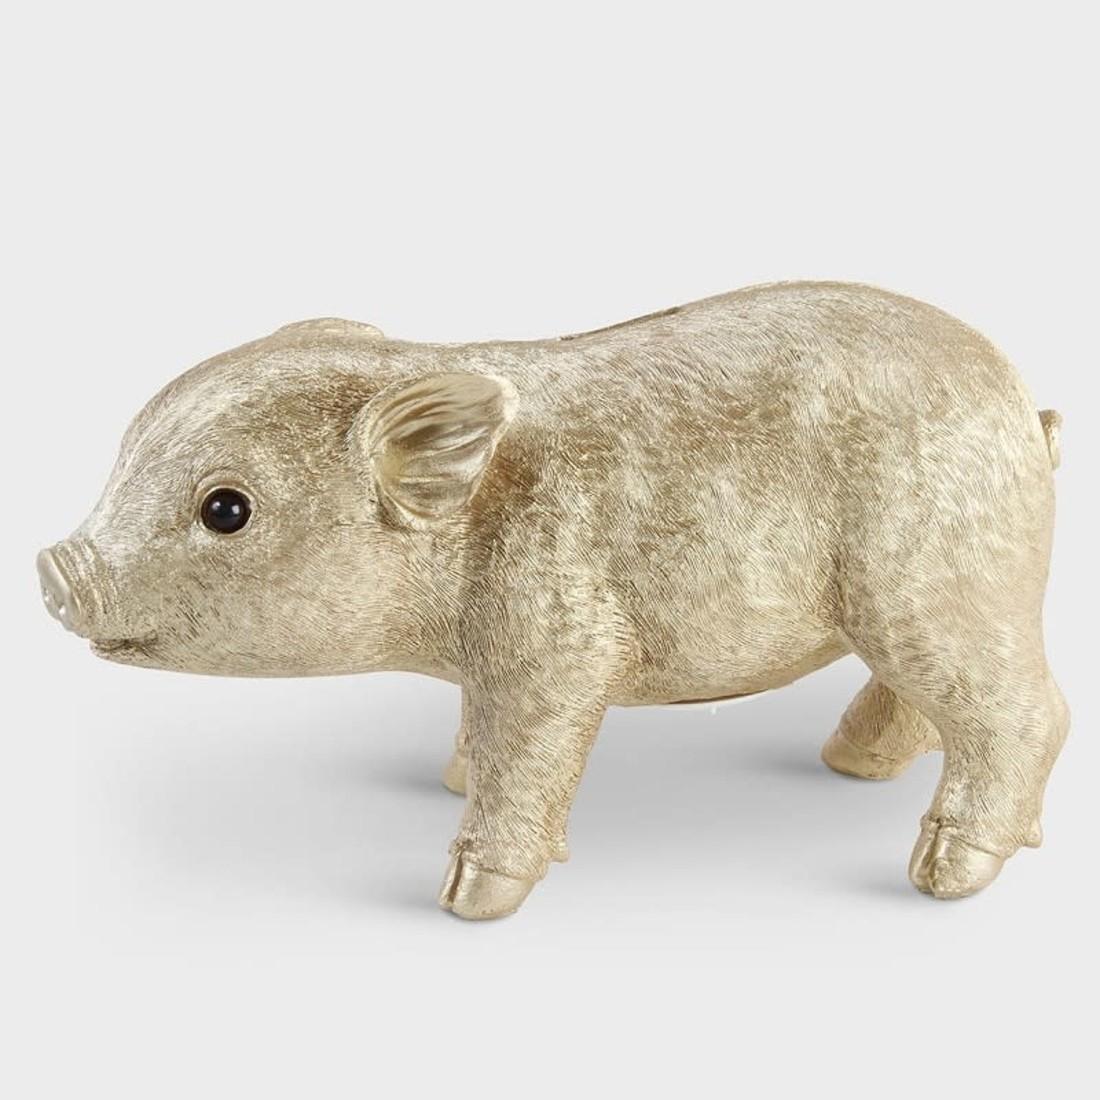 & klevering Spardose Schwein